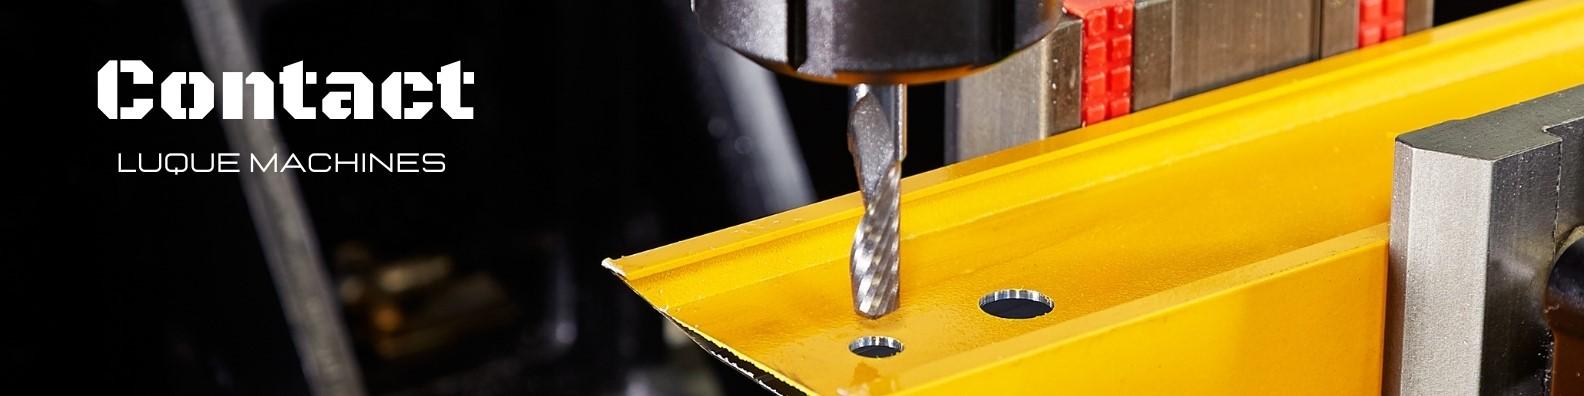 Contact LUQUE Machines devis fraiseuse CNC